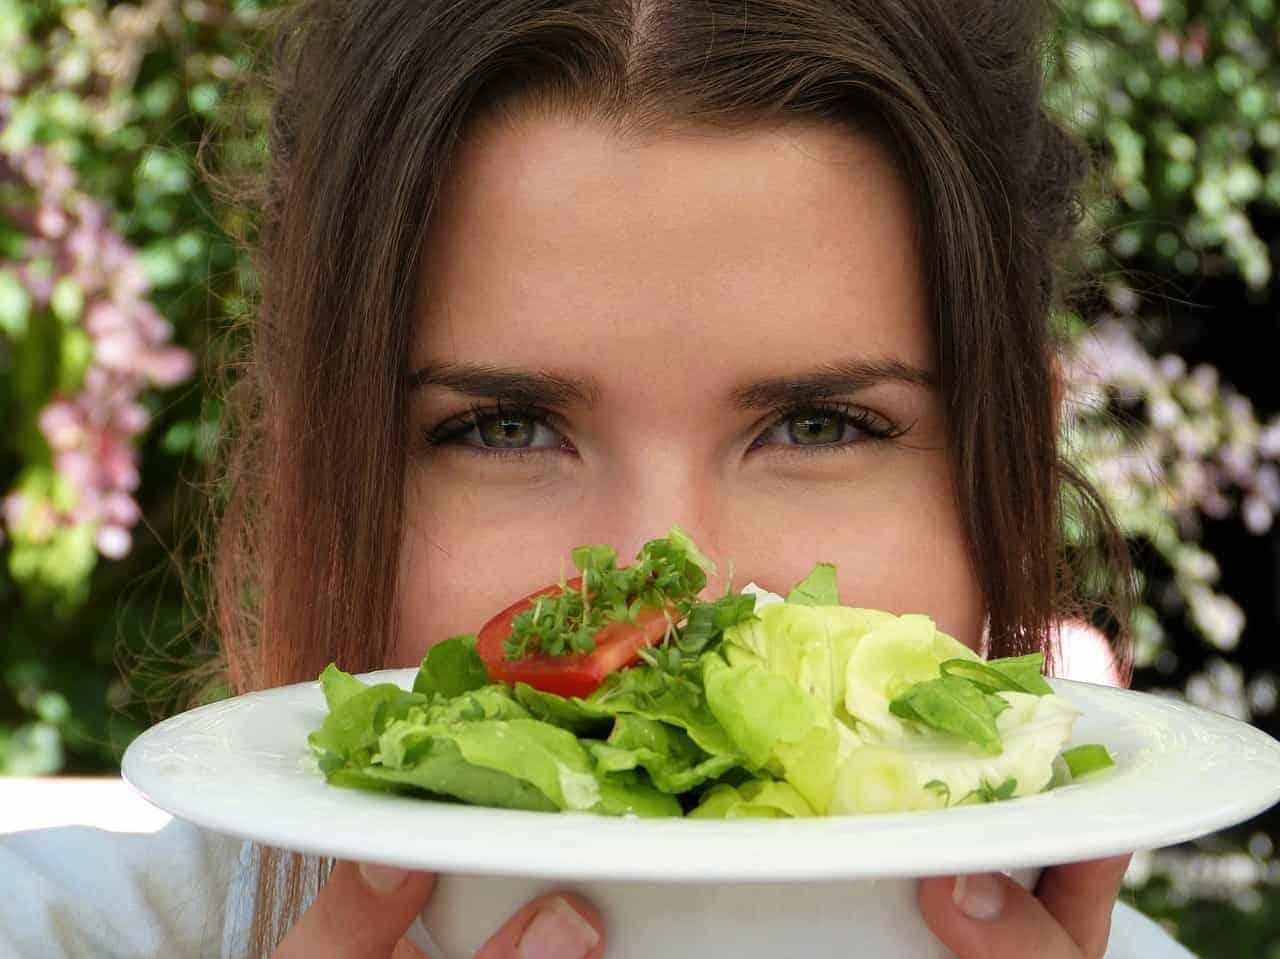 vrouwengezicht, salade